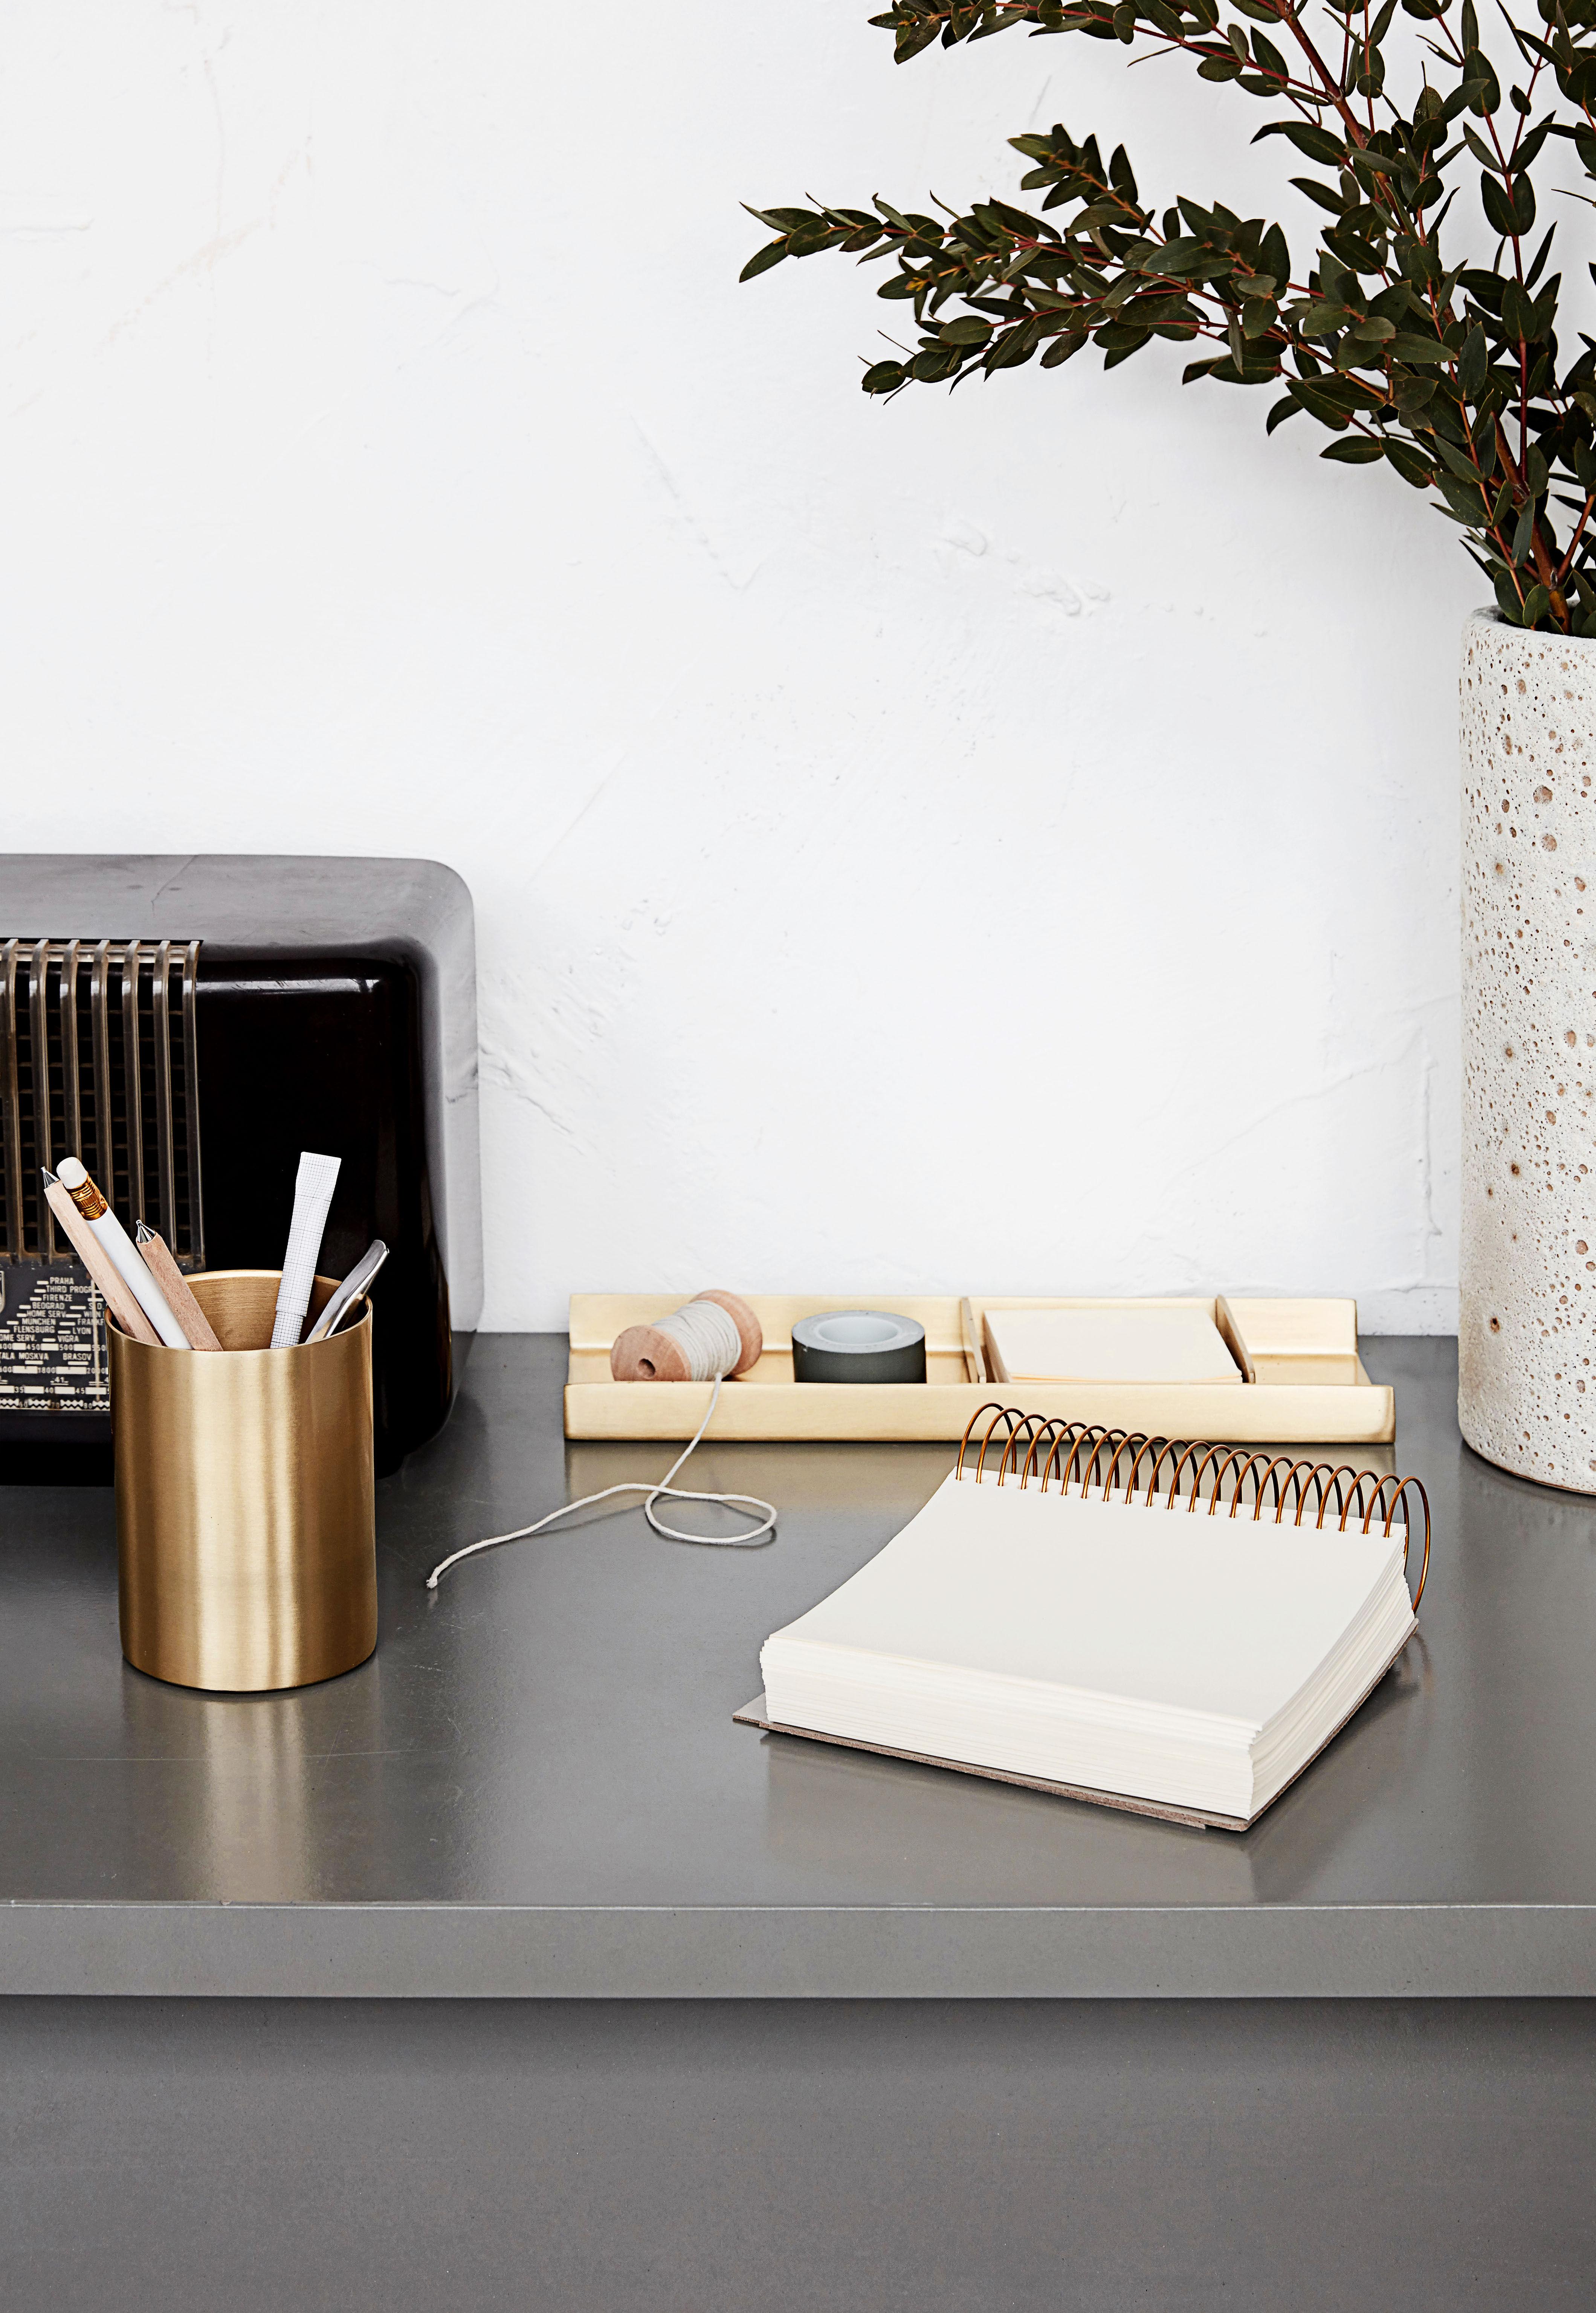 organiseur de bureau house doctor laiton l 26 6 x l 9. Black Bedroom Furniture Sets. Home Design Ideas